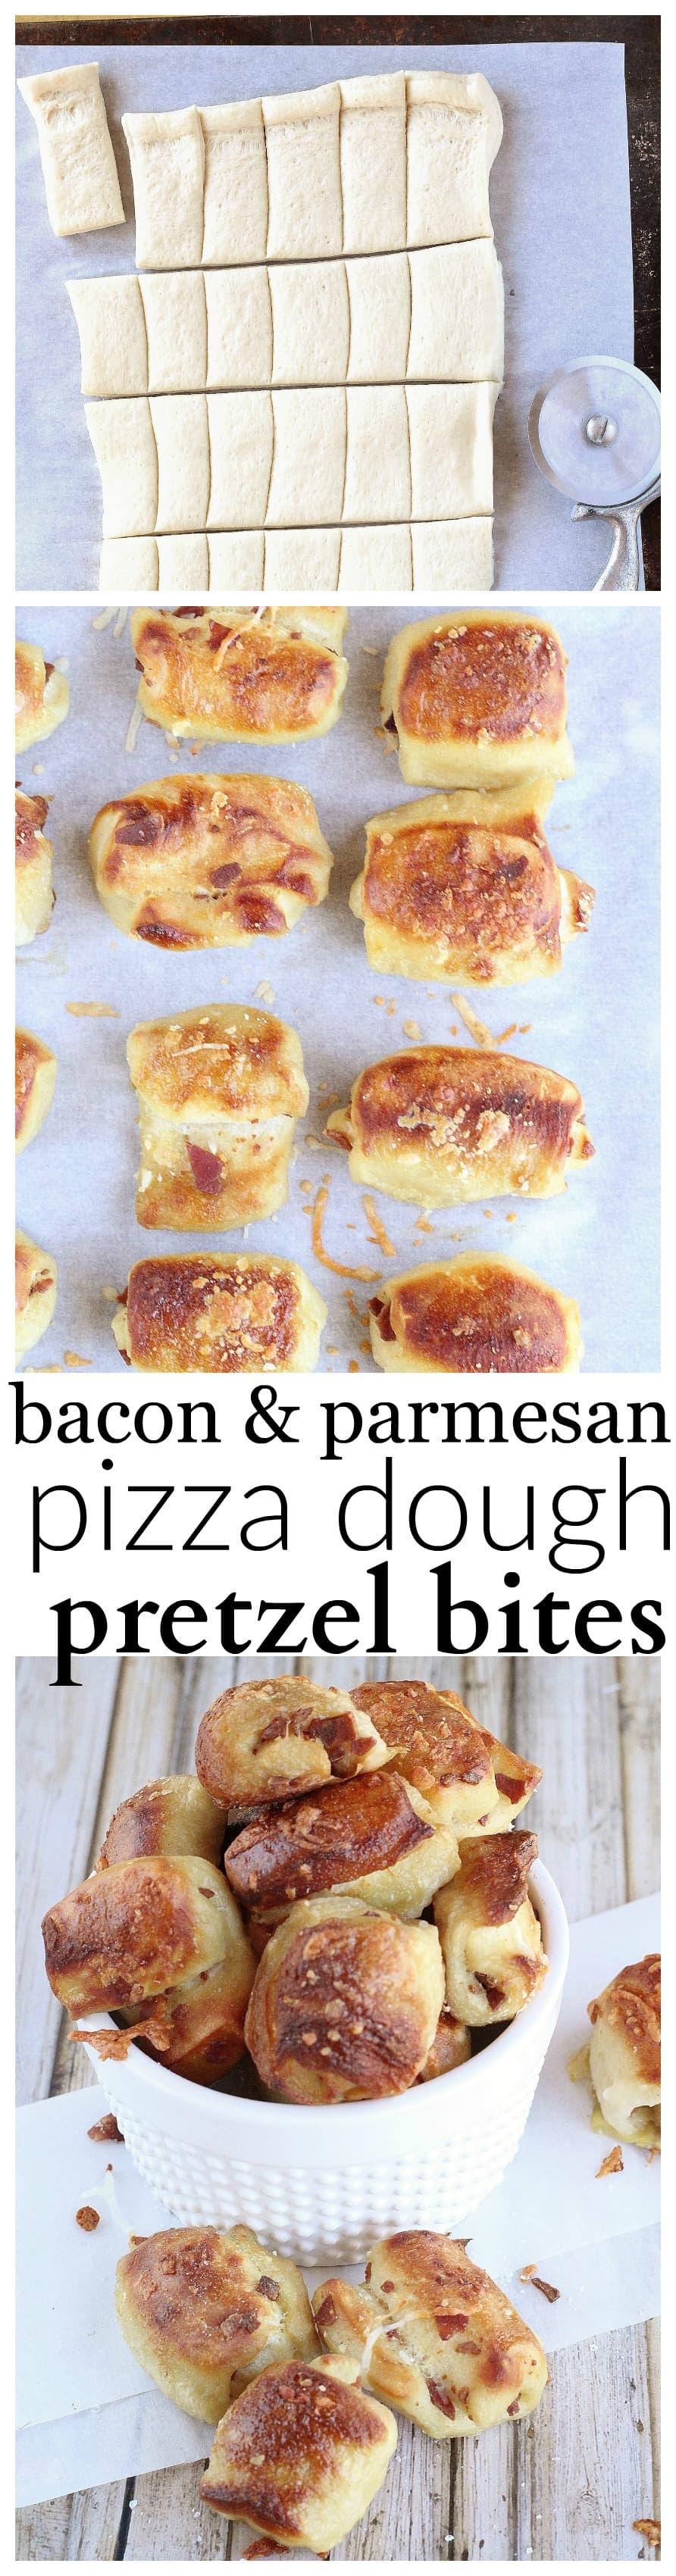 Bacon & Parmesan Pizza Dough Pretzel Bites - Life a Little Brighter